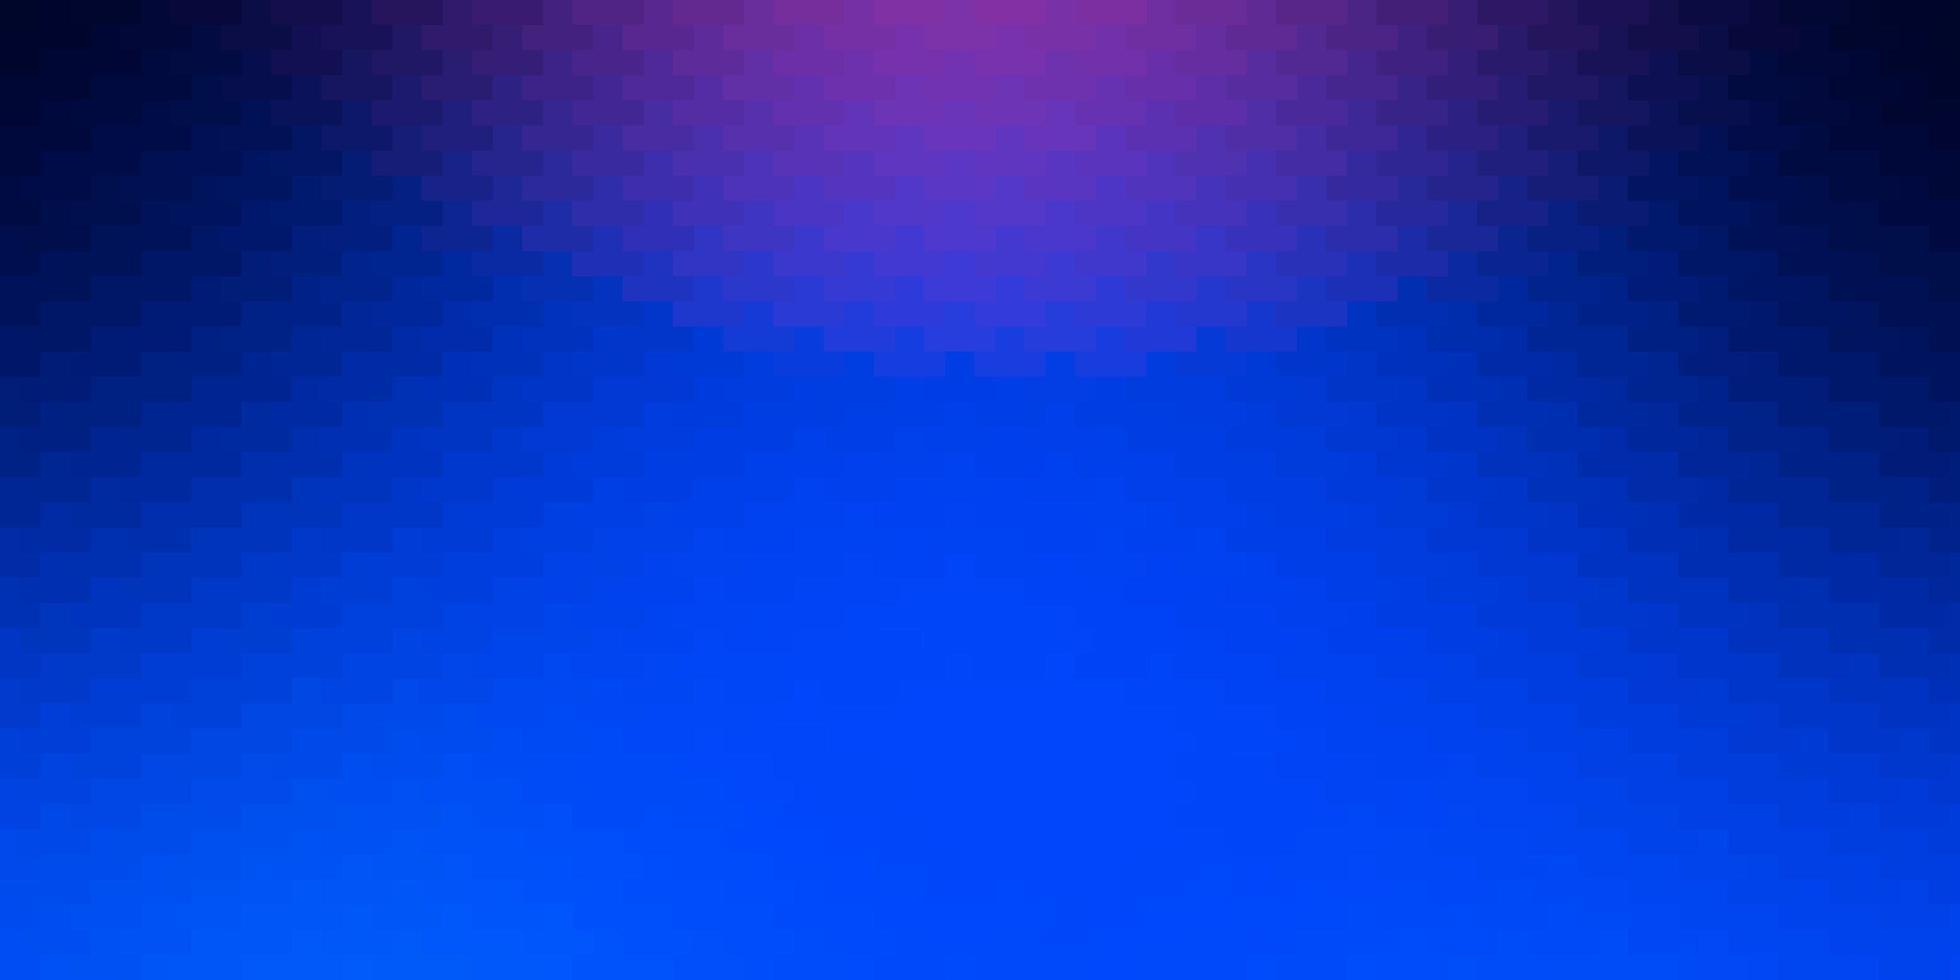 texture de vecteur rose foncé, bleu dans un style rectangulaire.